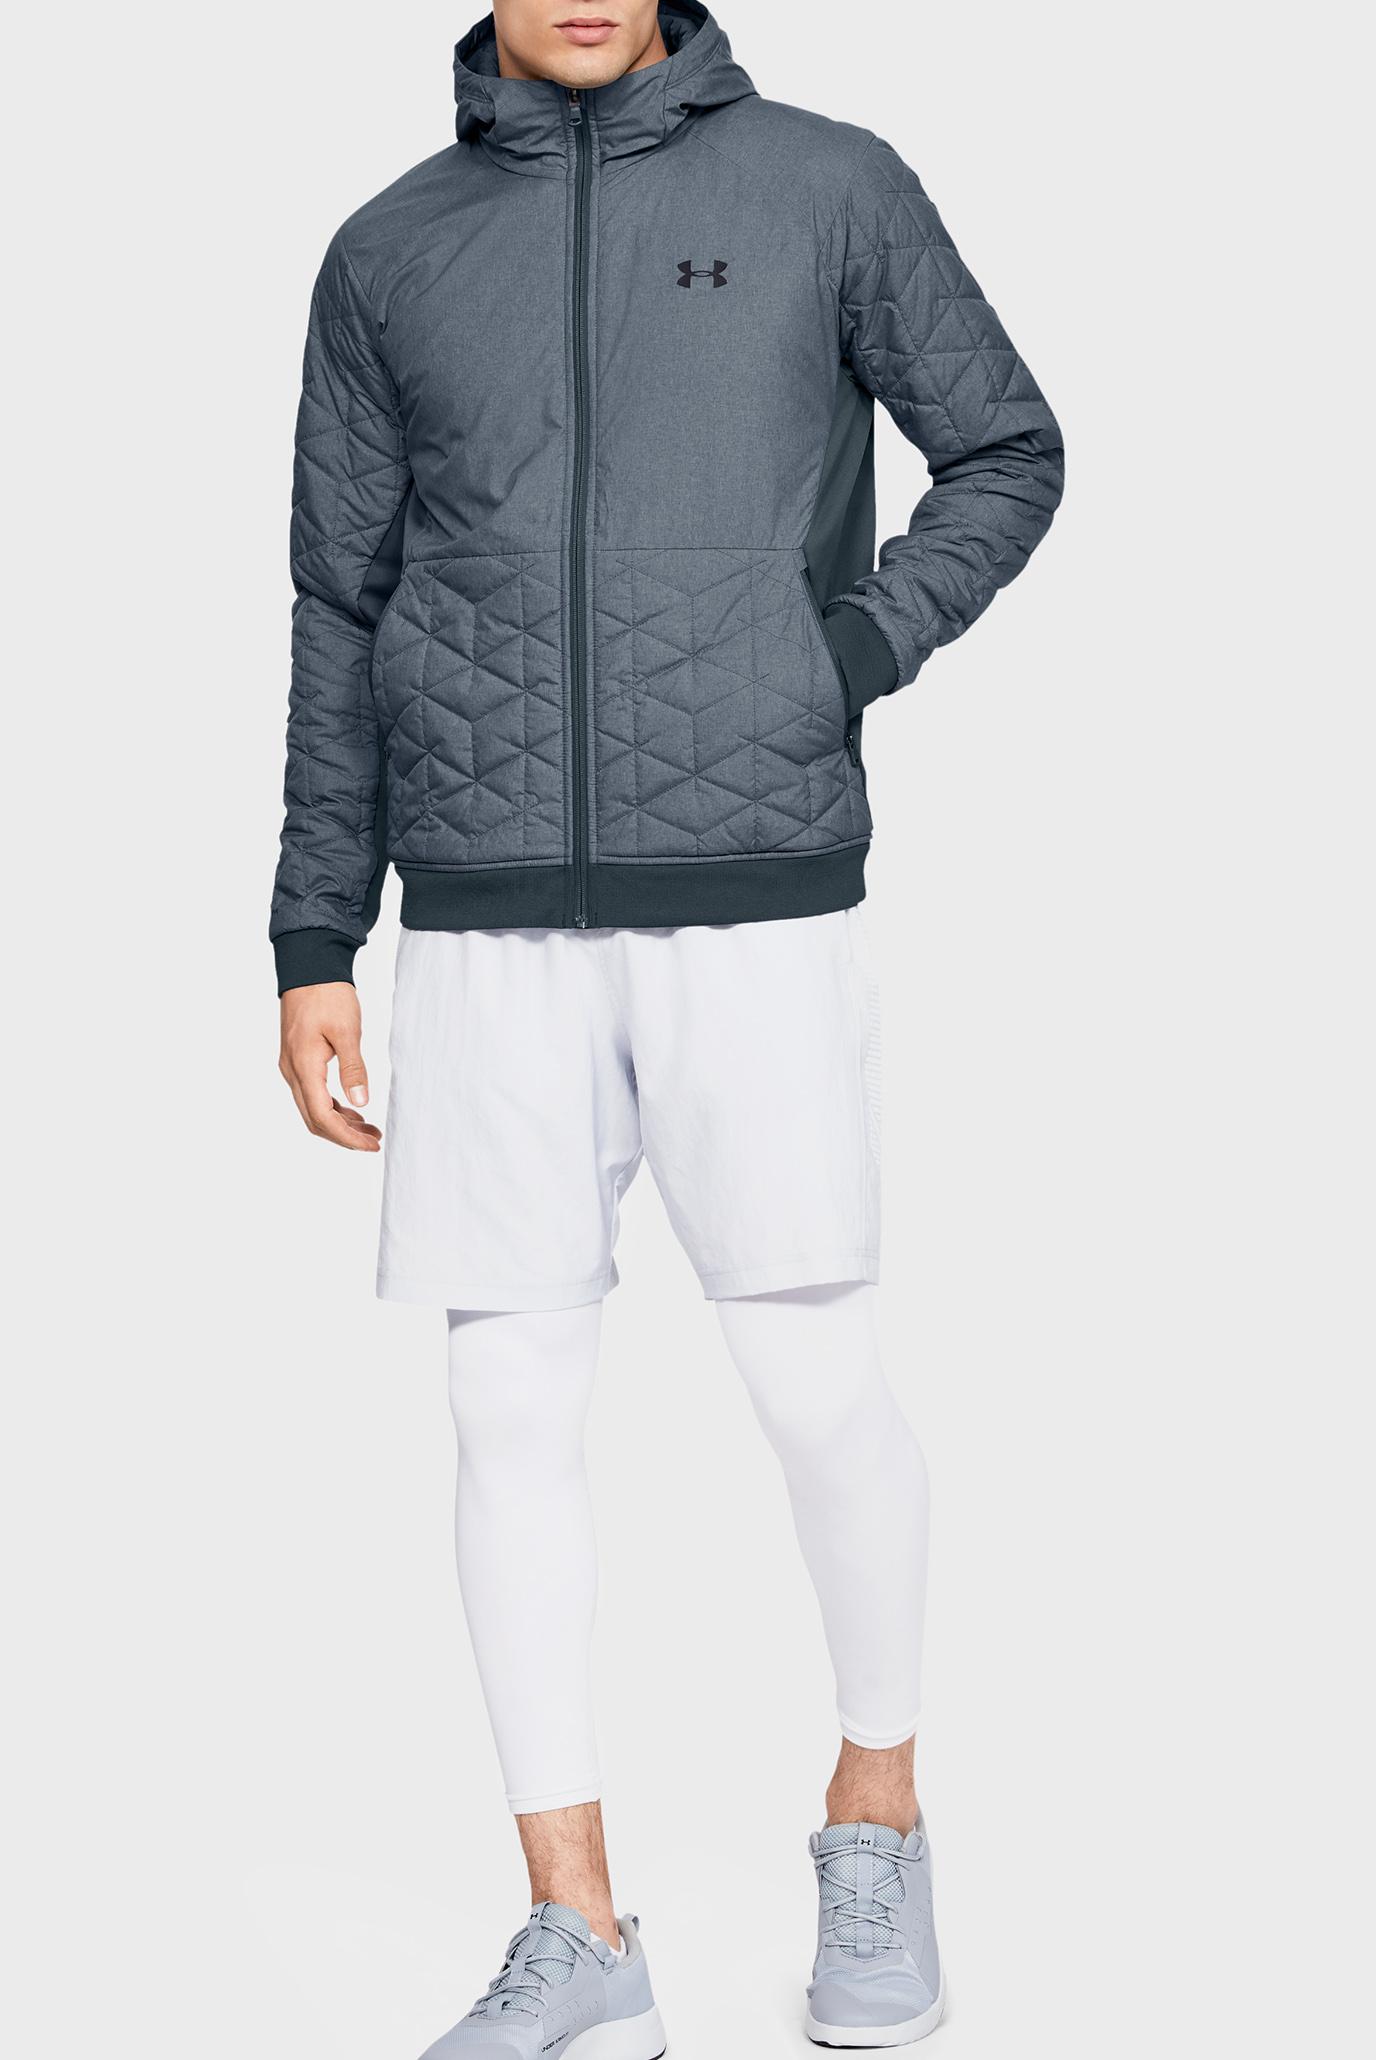 Мужская серая куртка CG Reactor Performance Hybrid Under Armour